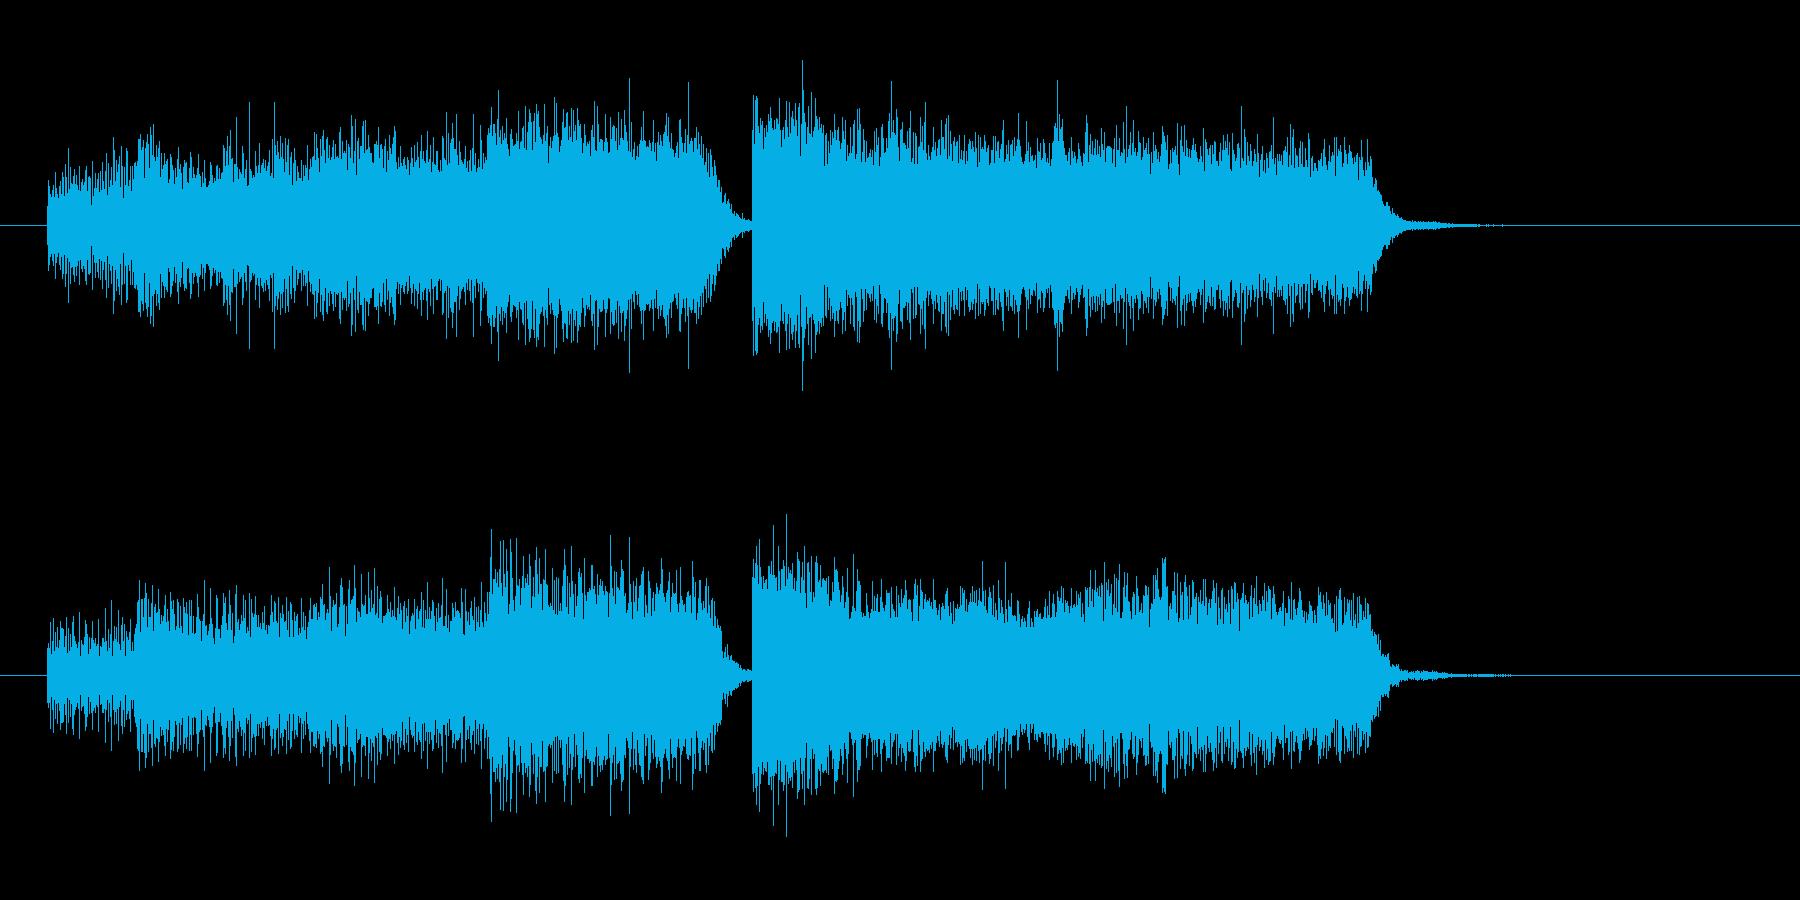 レベルアップ ステータスアップの音の再生済みの波形